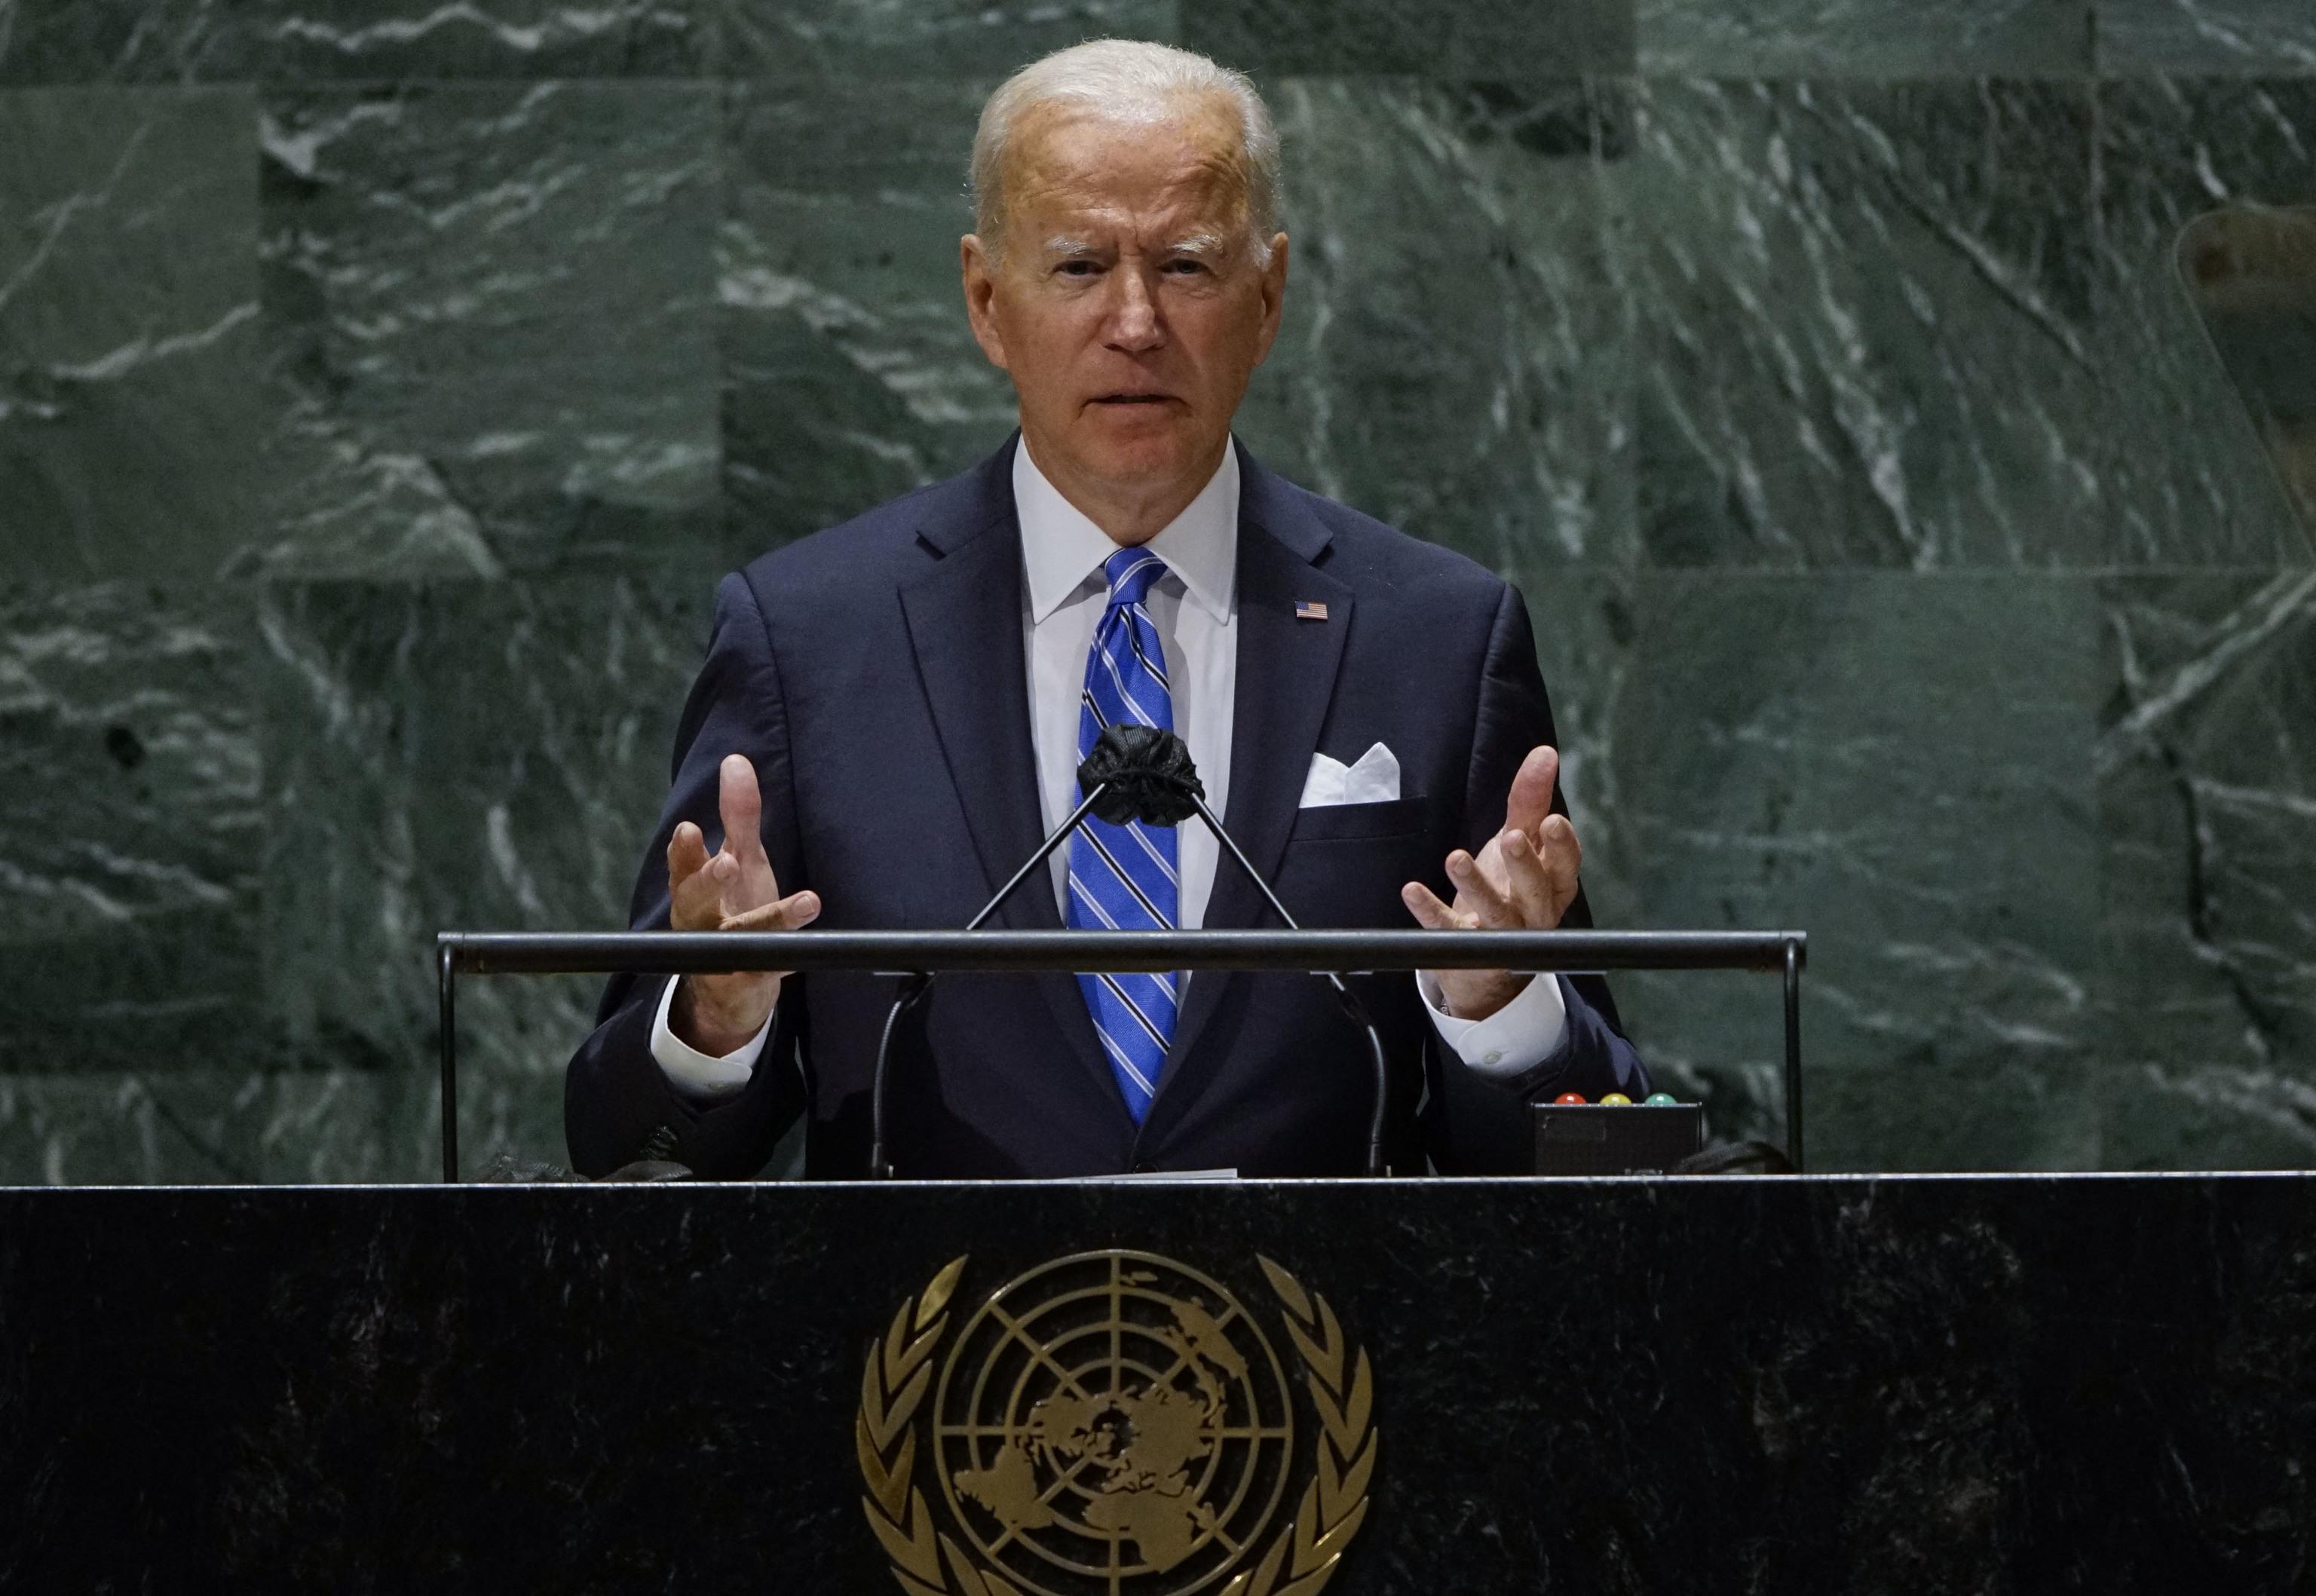 Biden promete paz y multilateralismo en la ONU a unos aliados escépticos |  Internacional